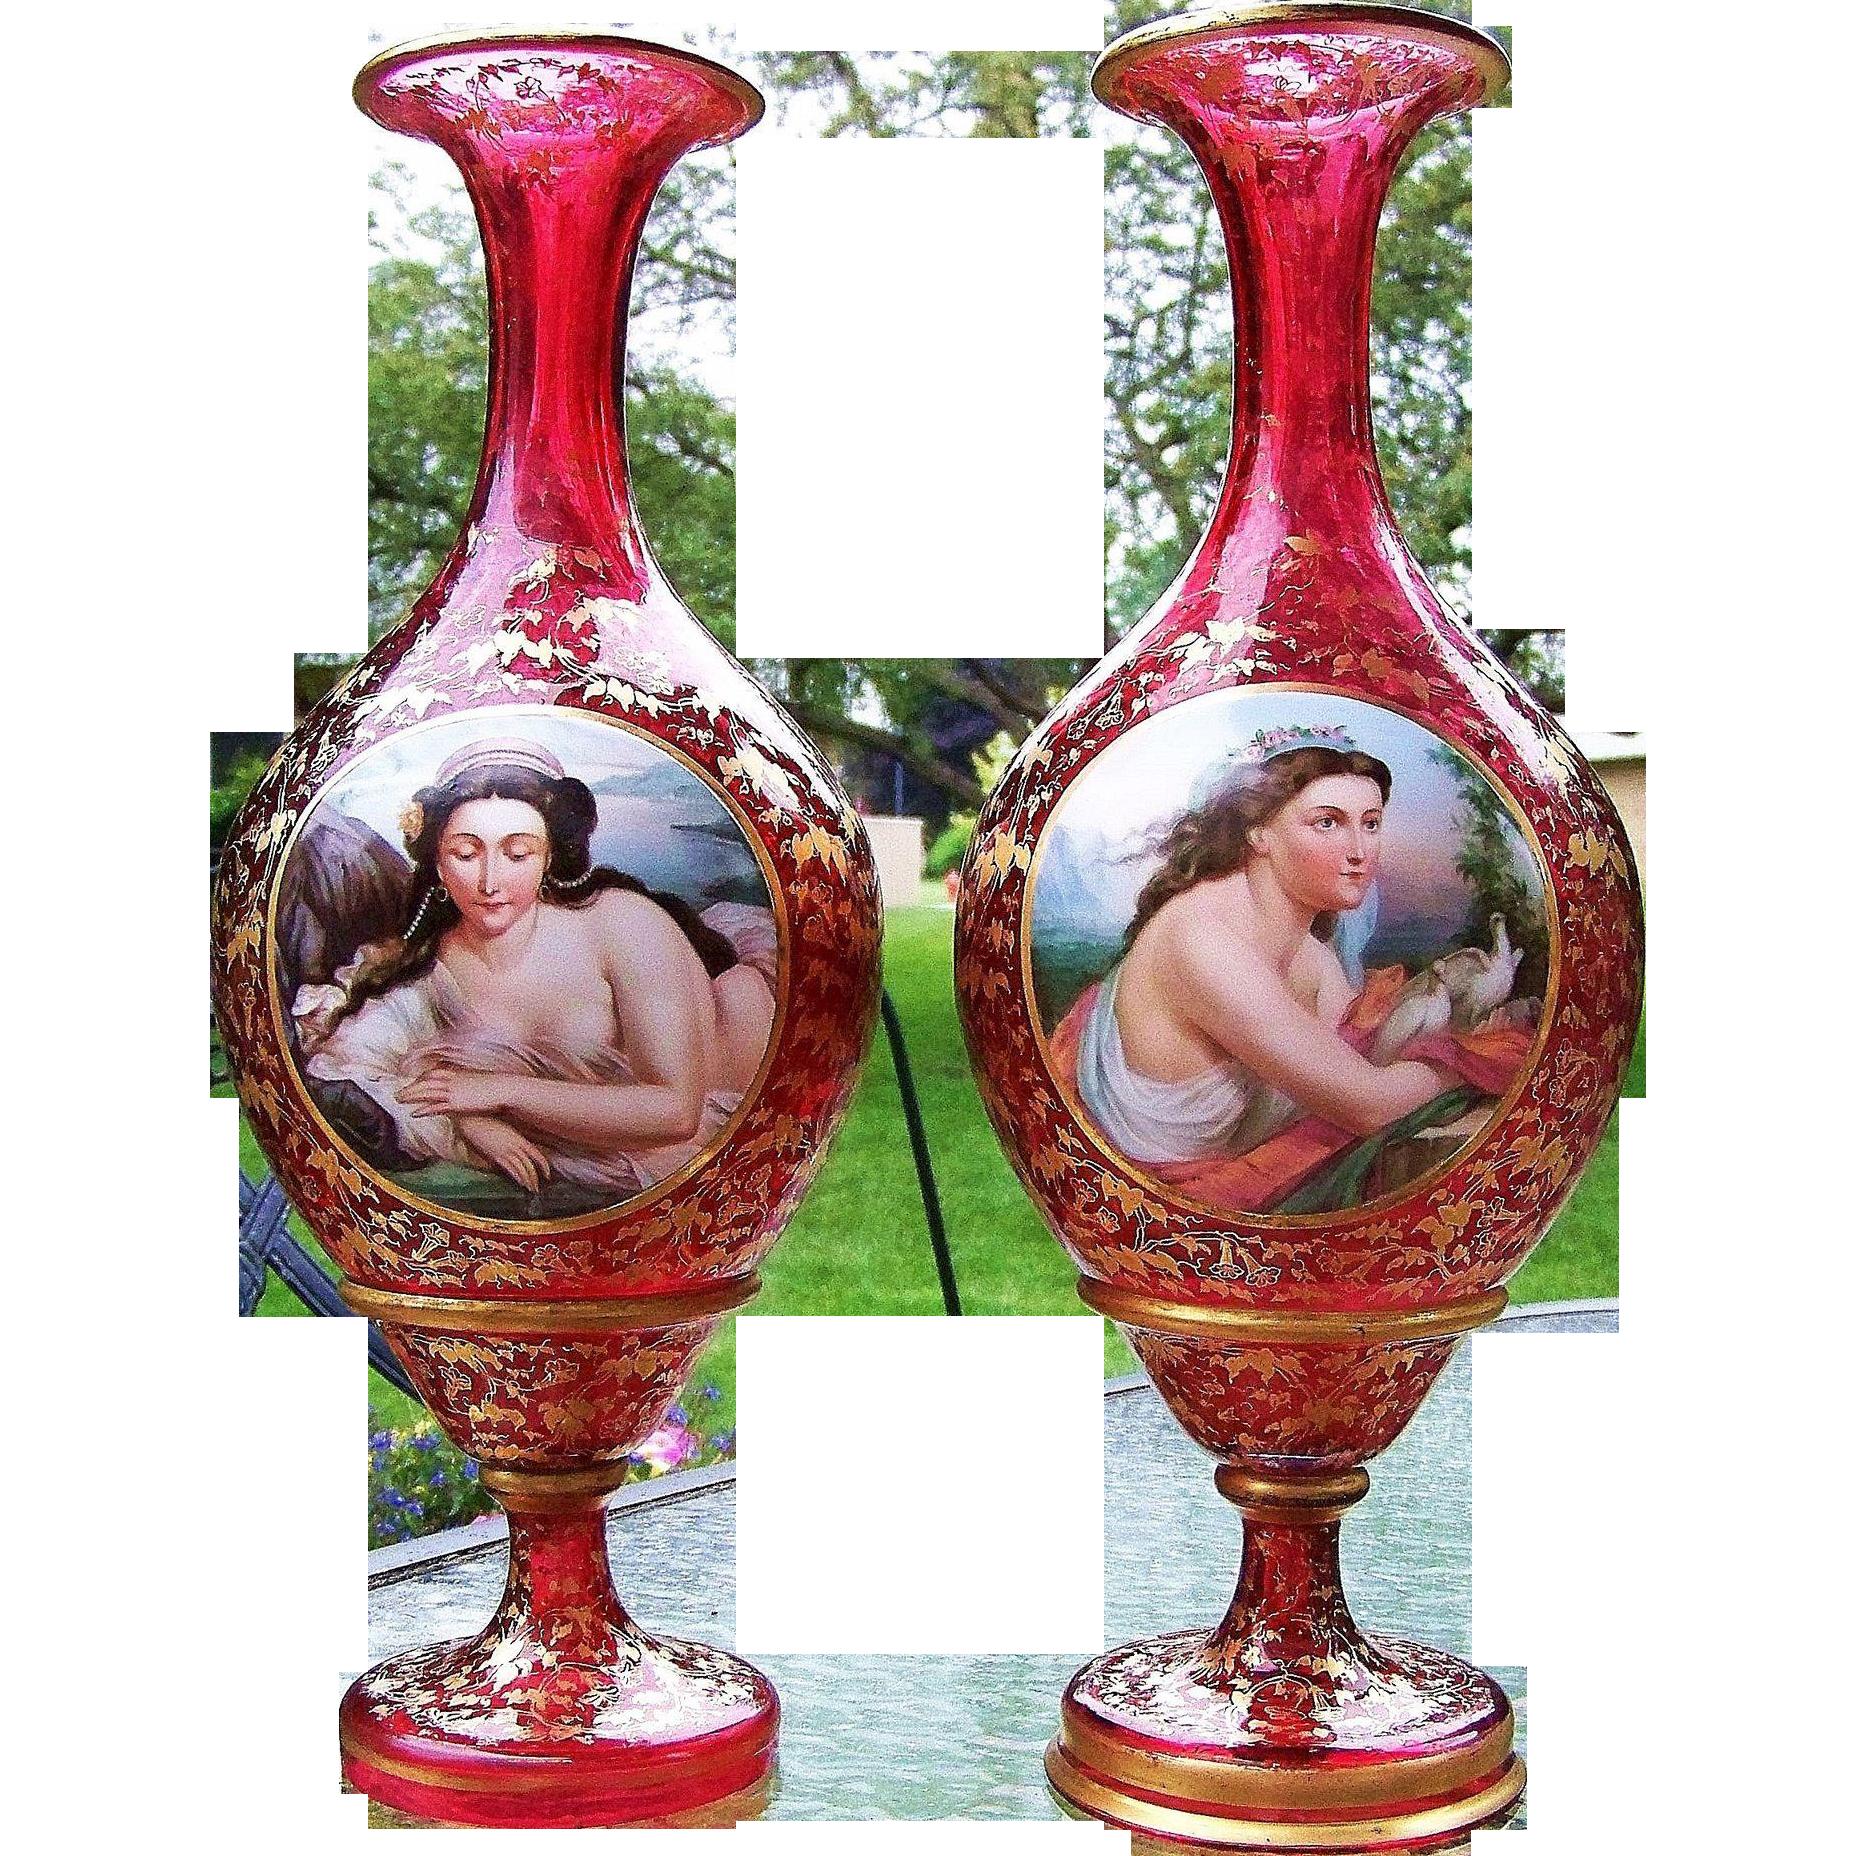 gallerysense nude ikpimd51433 Jpg4 Nude&i Gallerysense Nude Imagesize: Ikpimd51433 Jpg